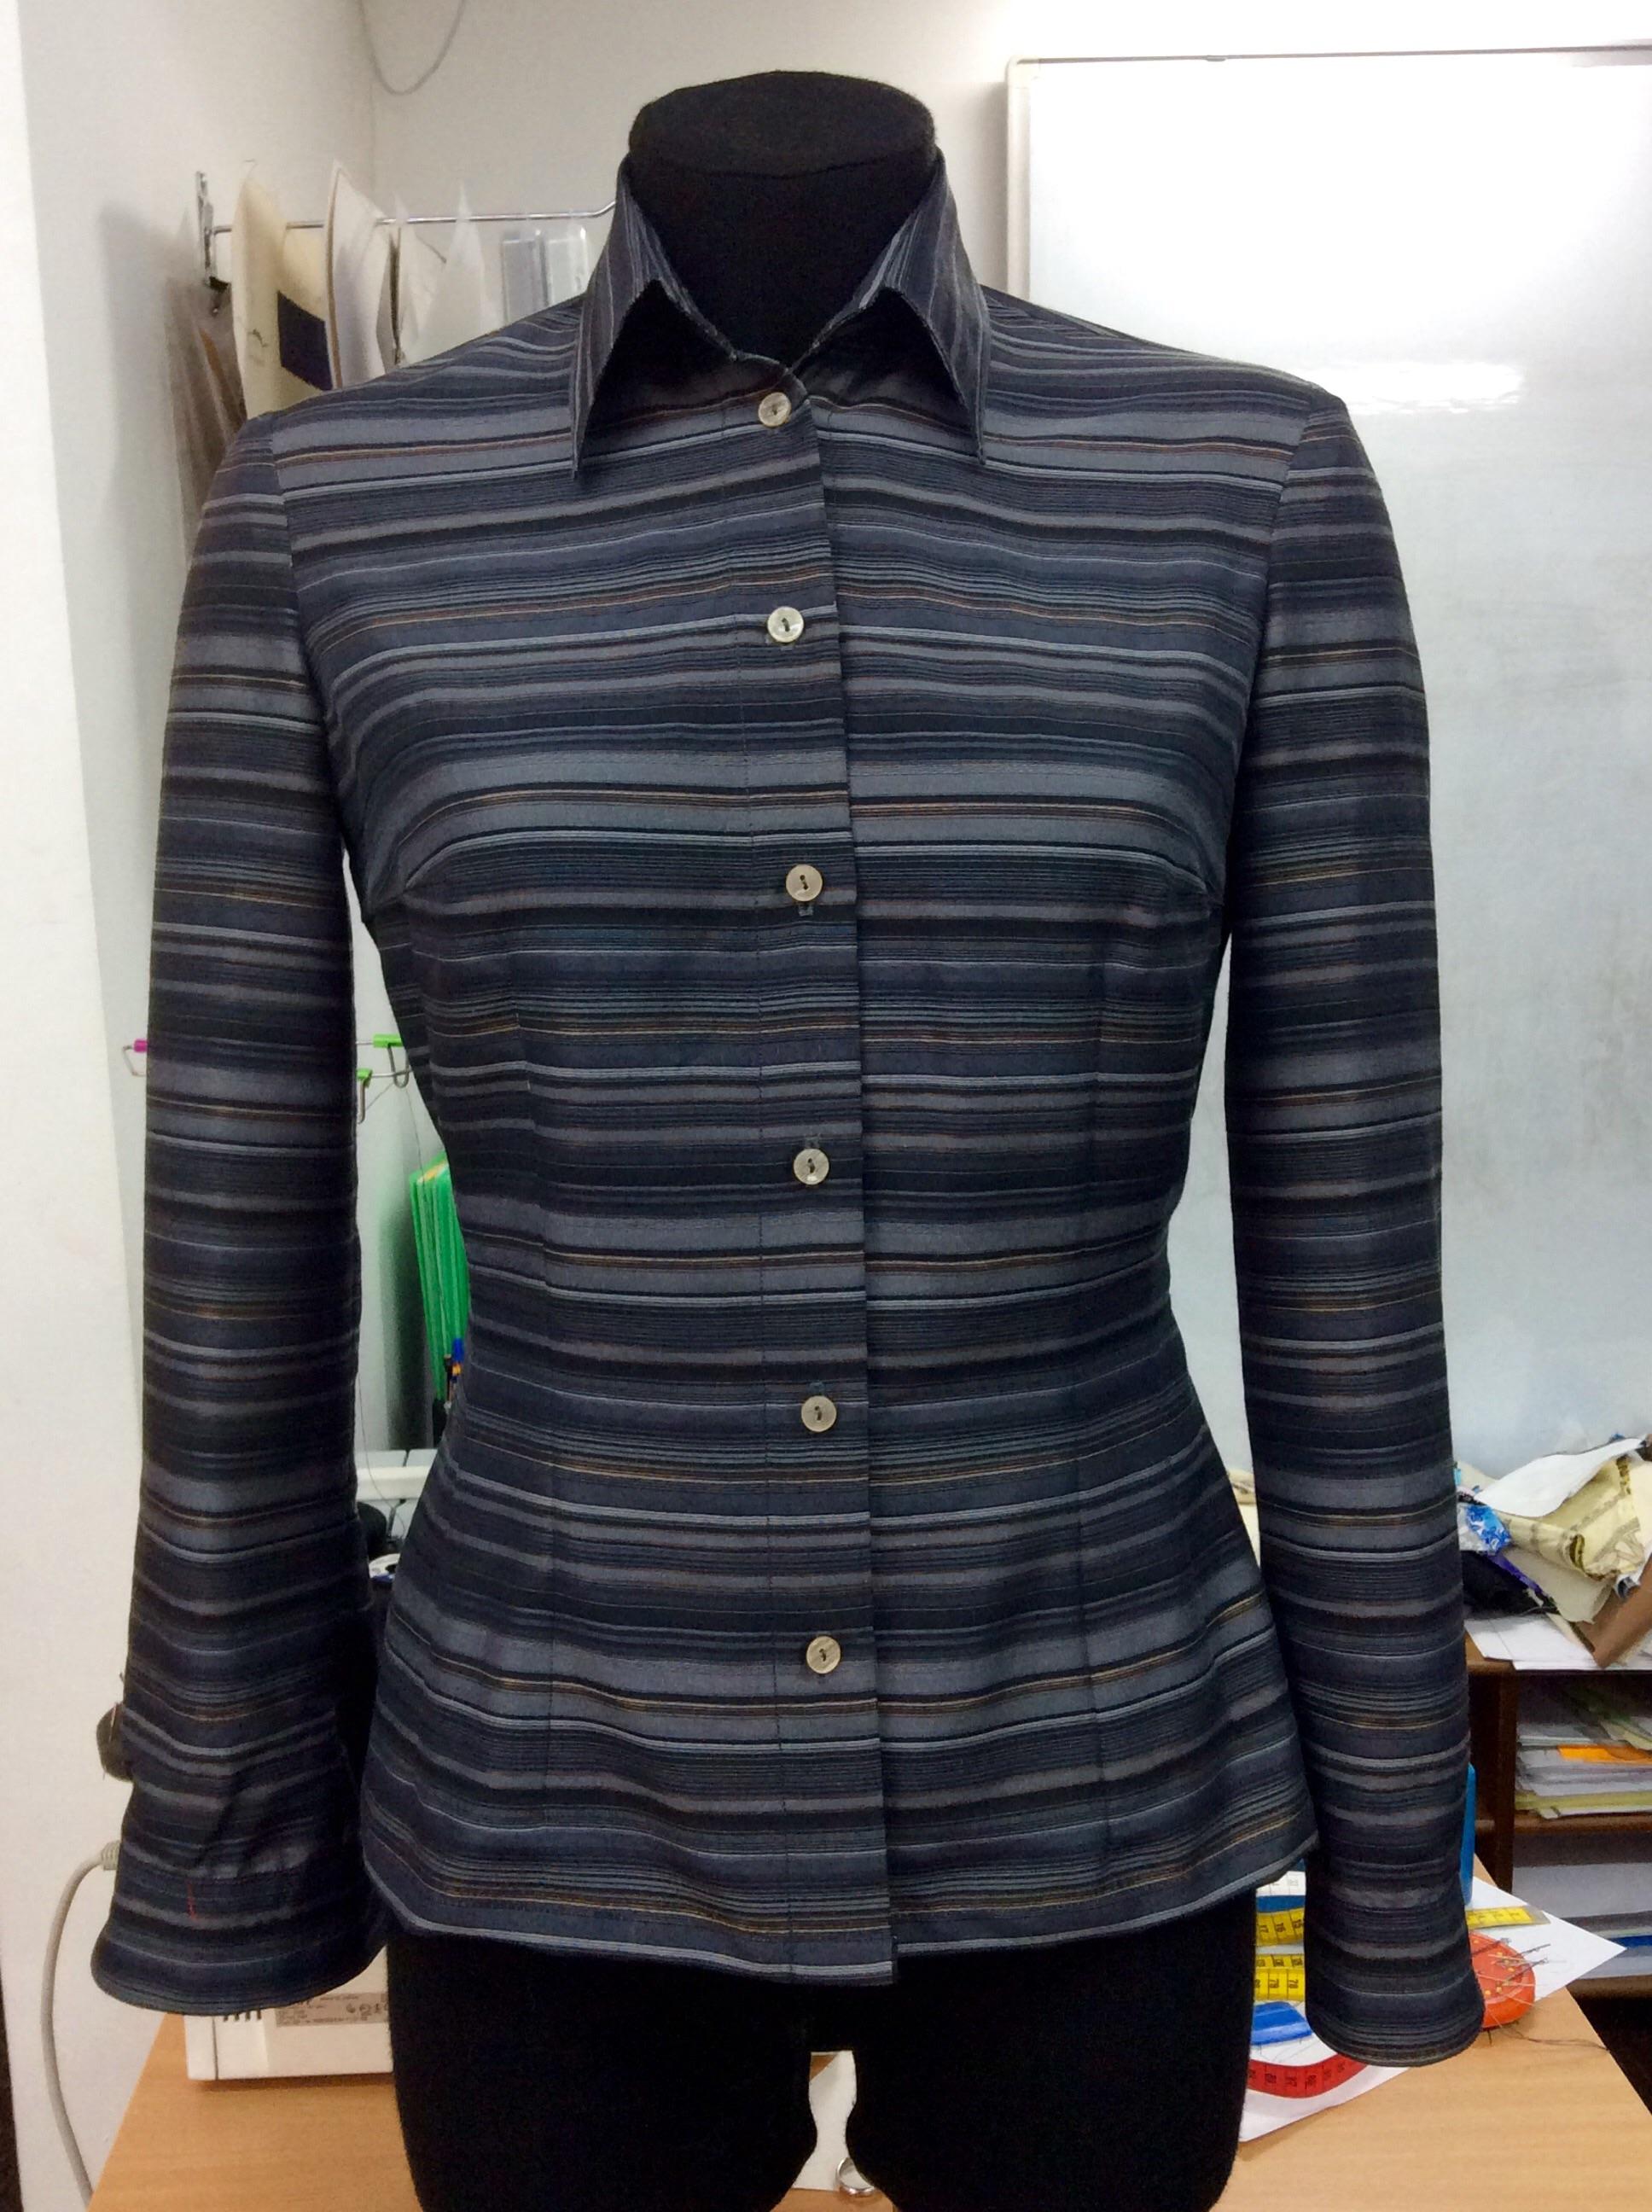 Шить блузку на курсах кройки и шитья Школа дизайнерского мастерства Елизаветы Добрицкой